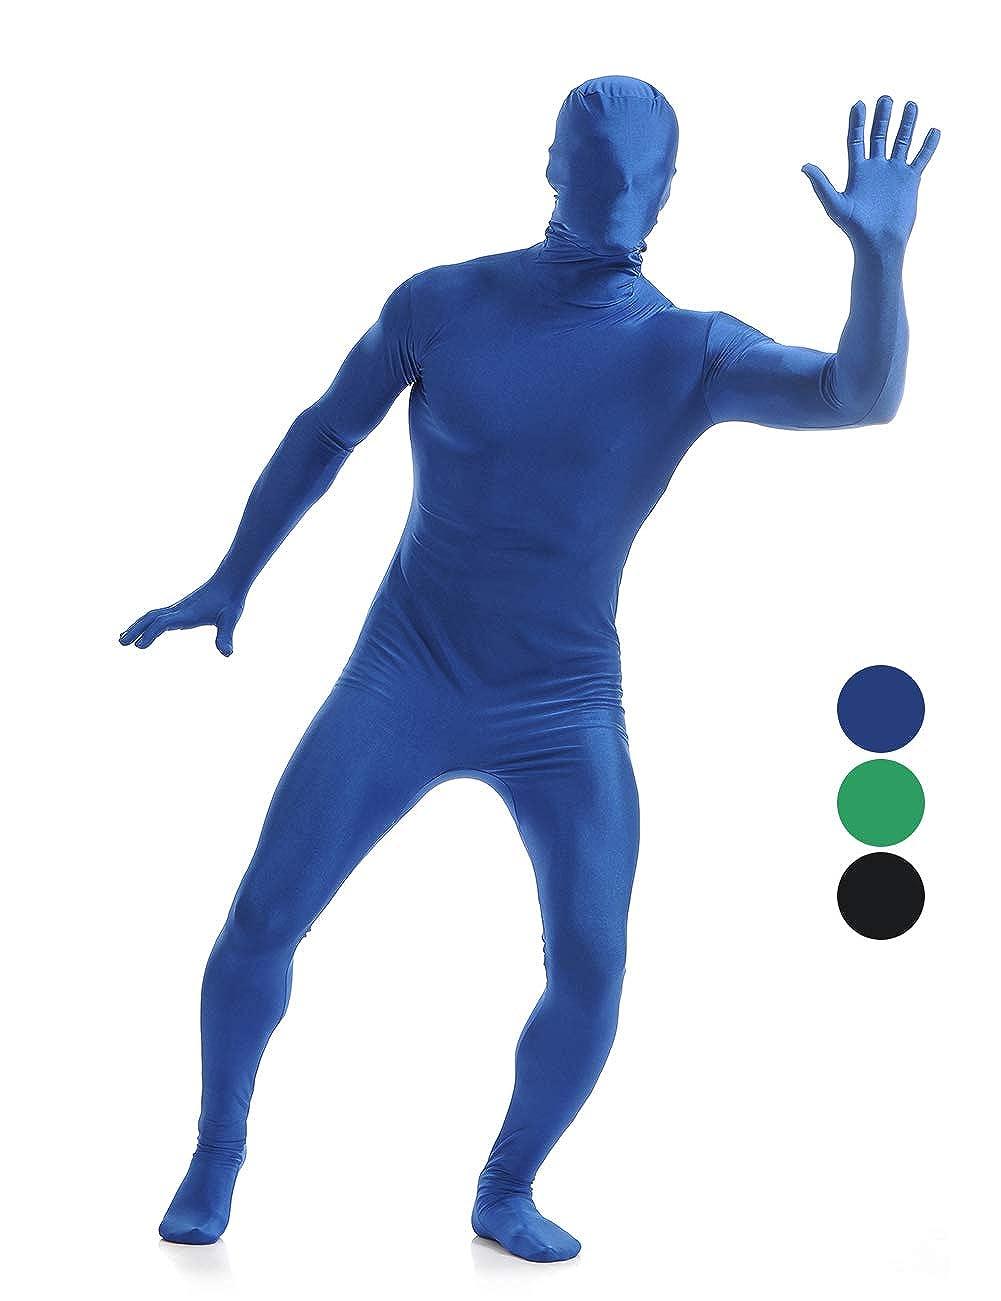 Amiliashp Men's Halloween Costume Zentai Suit Full Body Spandex Lycra Unitard Suit Second Skin Bodysuit Super Suit Costume